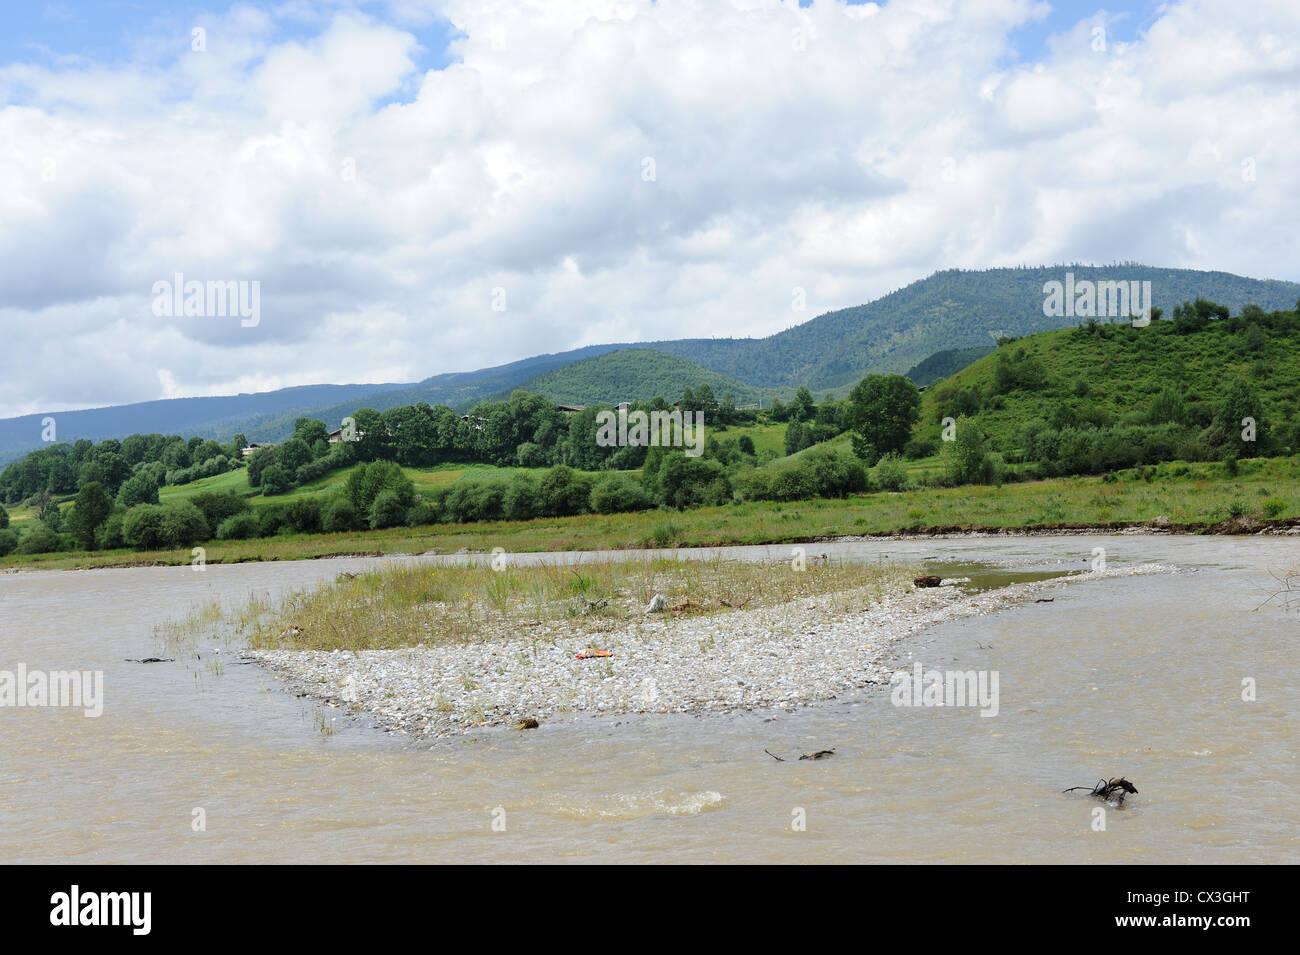 Paesaggio di tibetani area rurale nella contea di Shangri-La,nella provincia dello Yunnan in Cina Immagini Stock